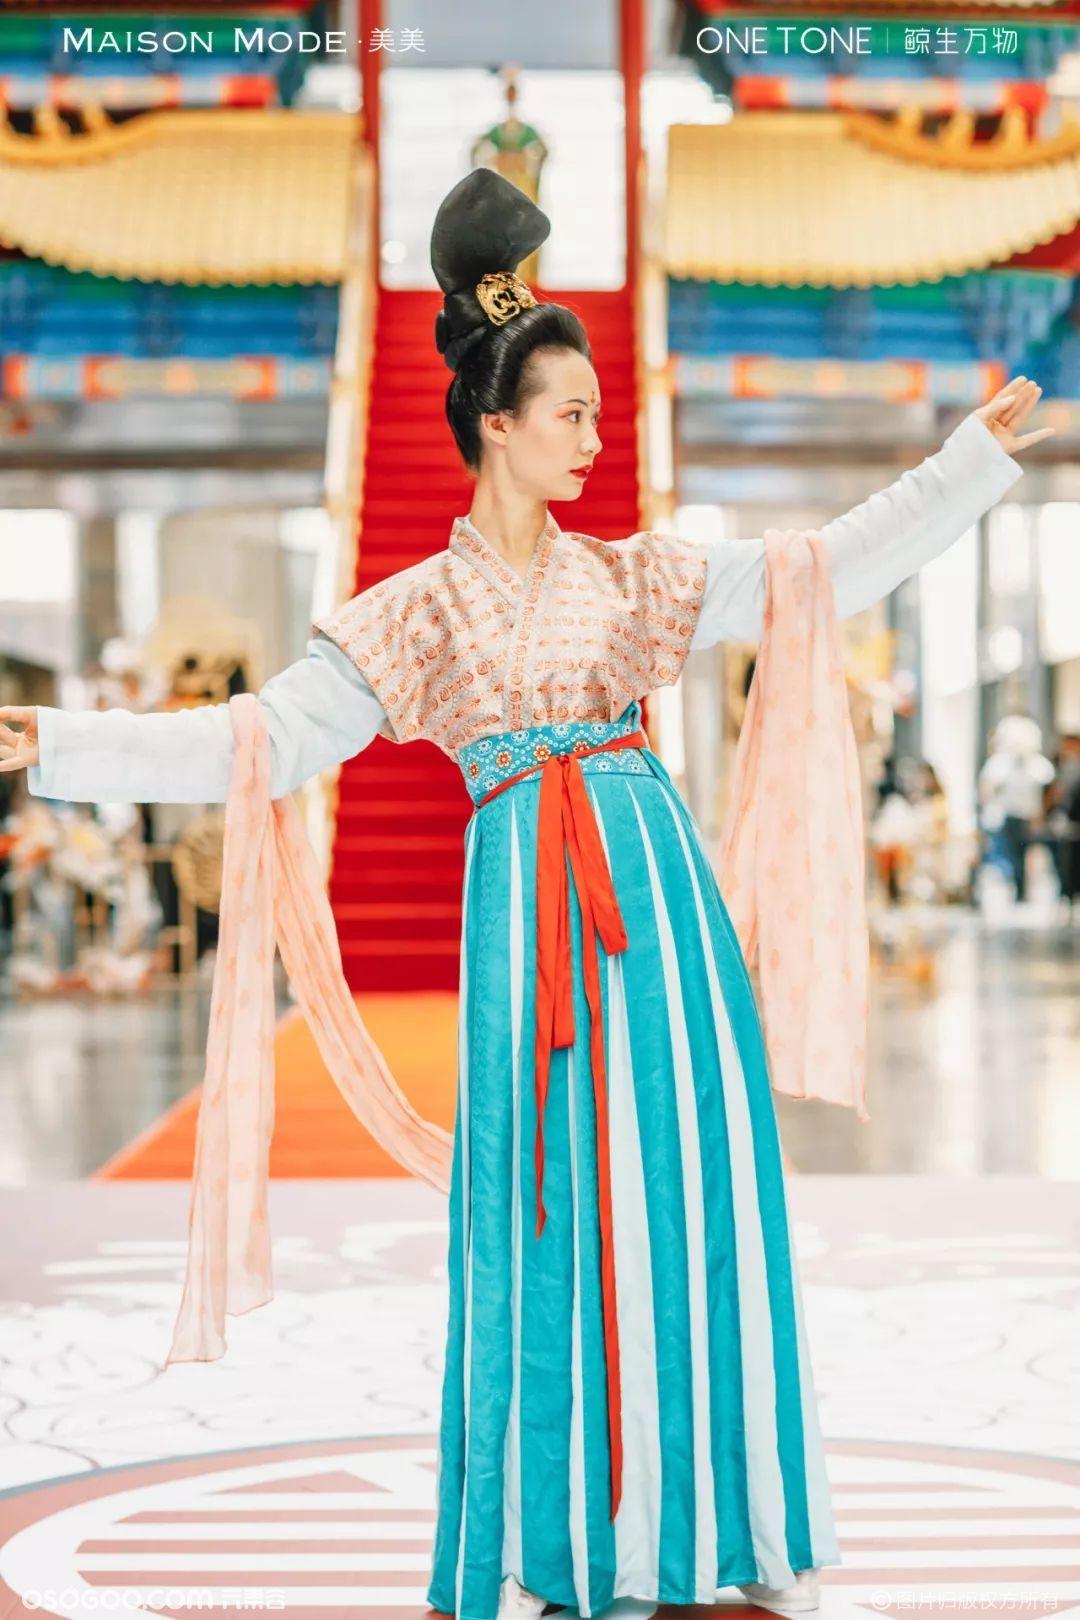 「美美正东方」美学系列展